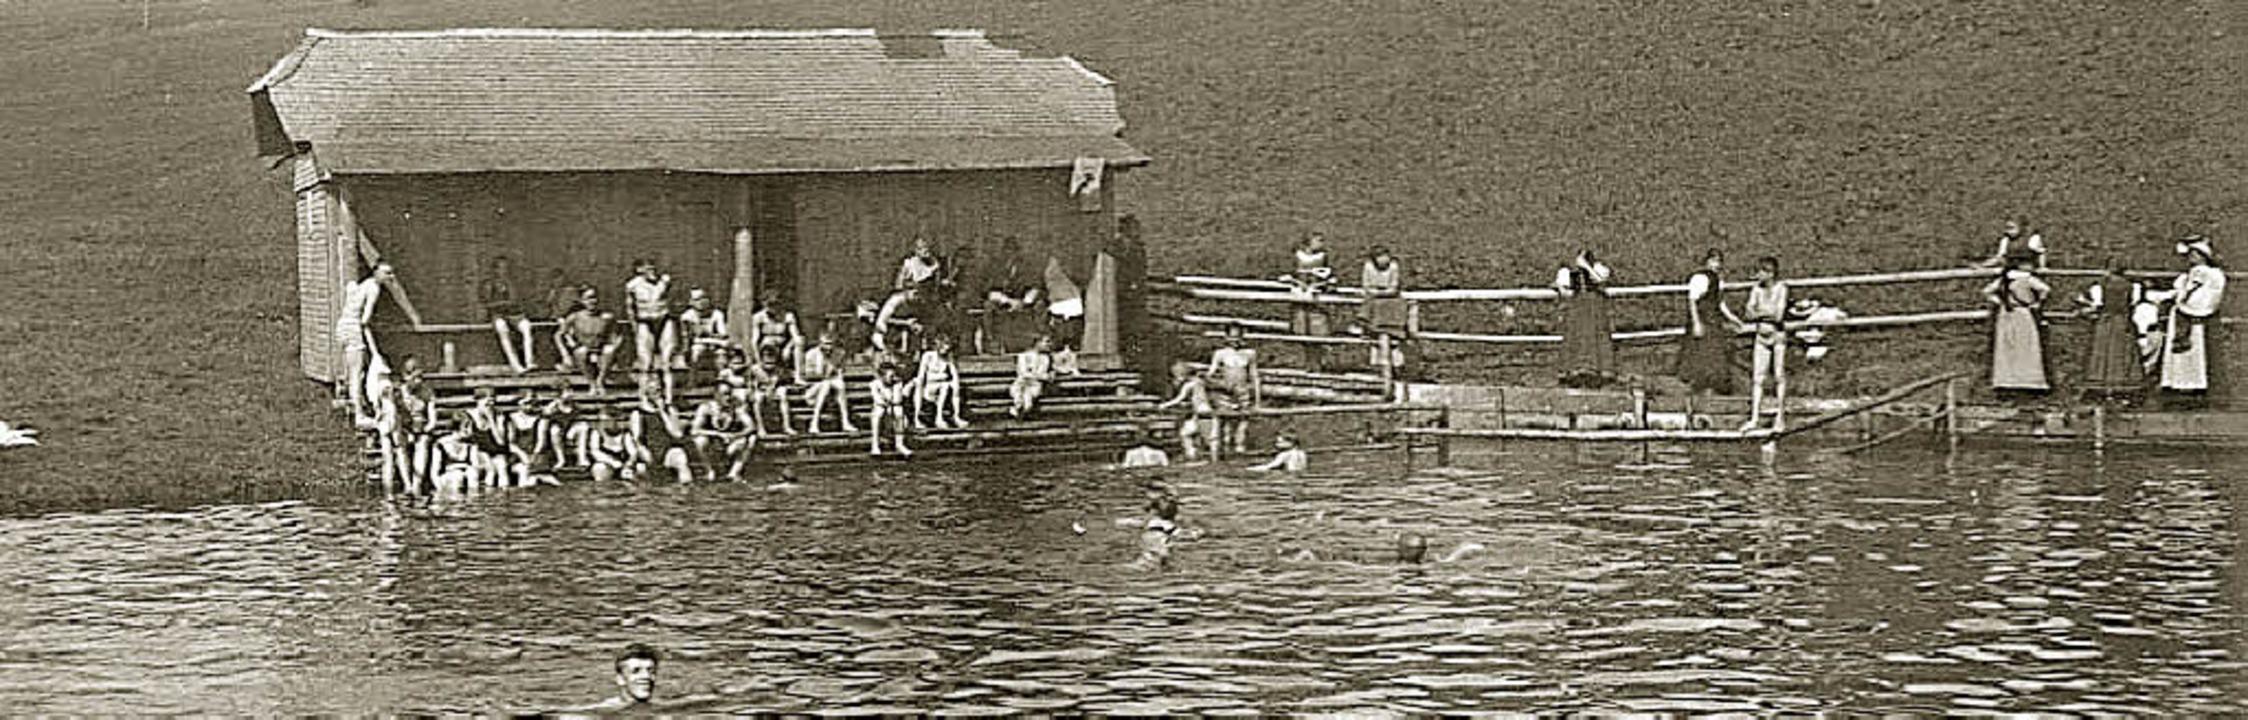 Schon immer ein großer Anziehungspunkt gewesen: der Badweiher in St. Märgen.    Foto: Alexandra wehrle